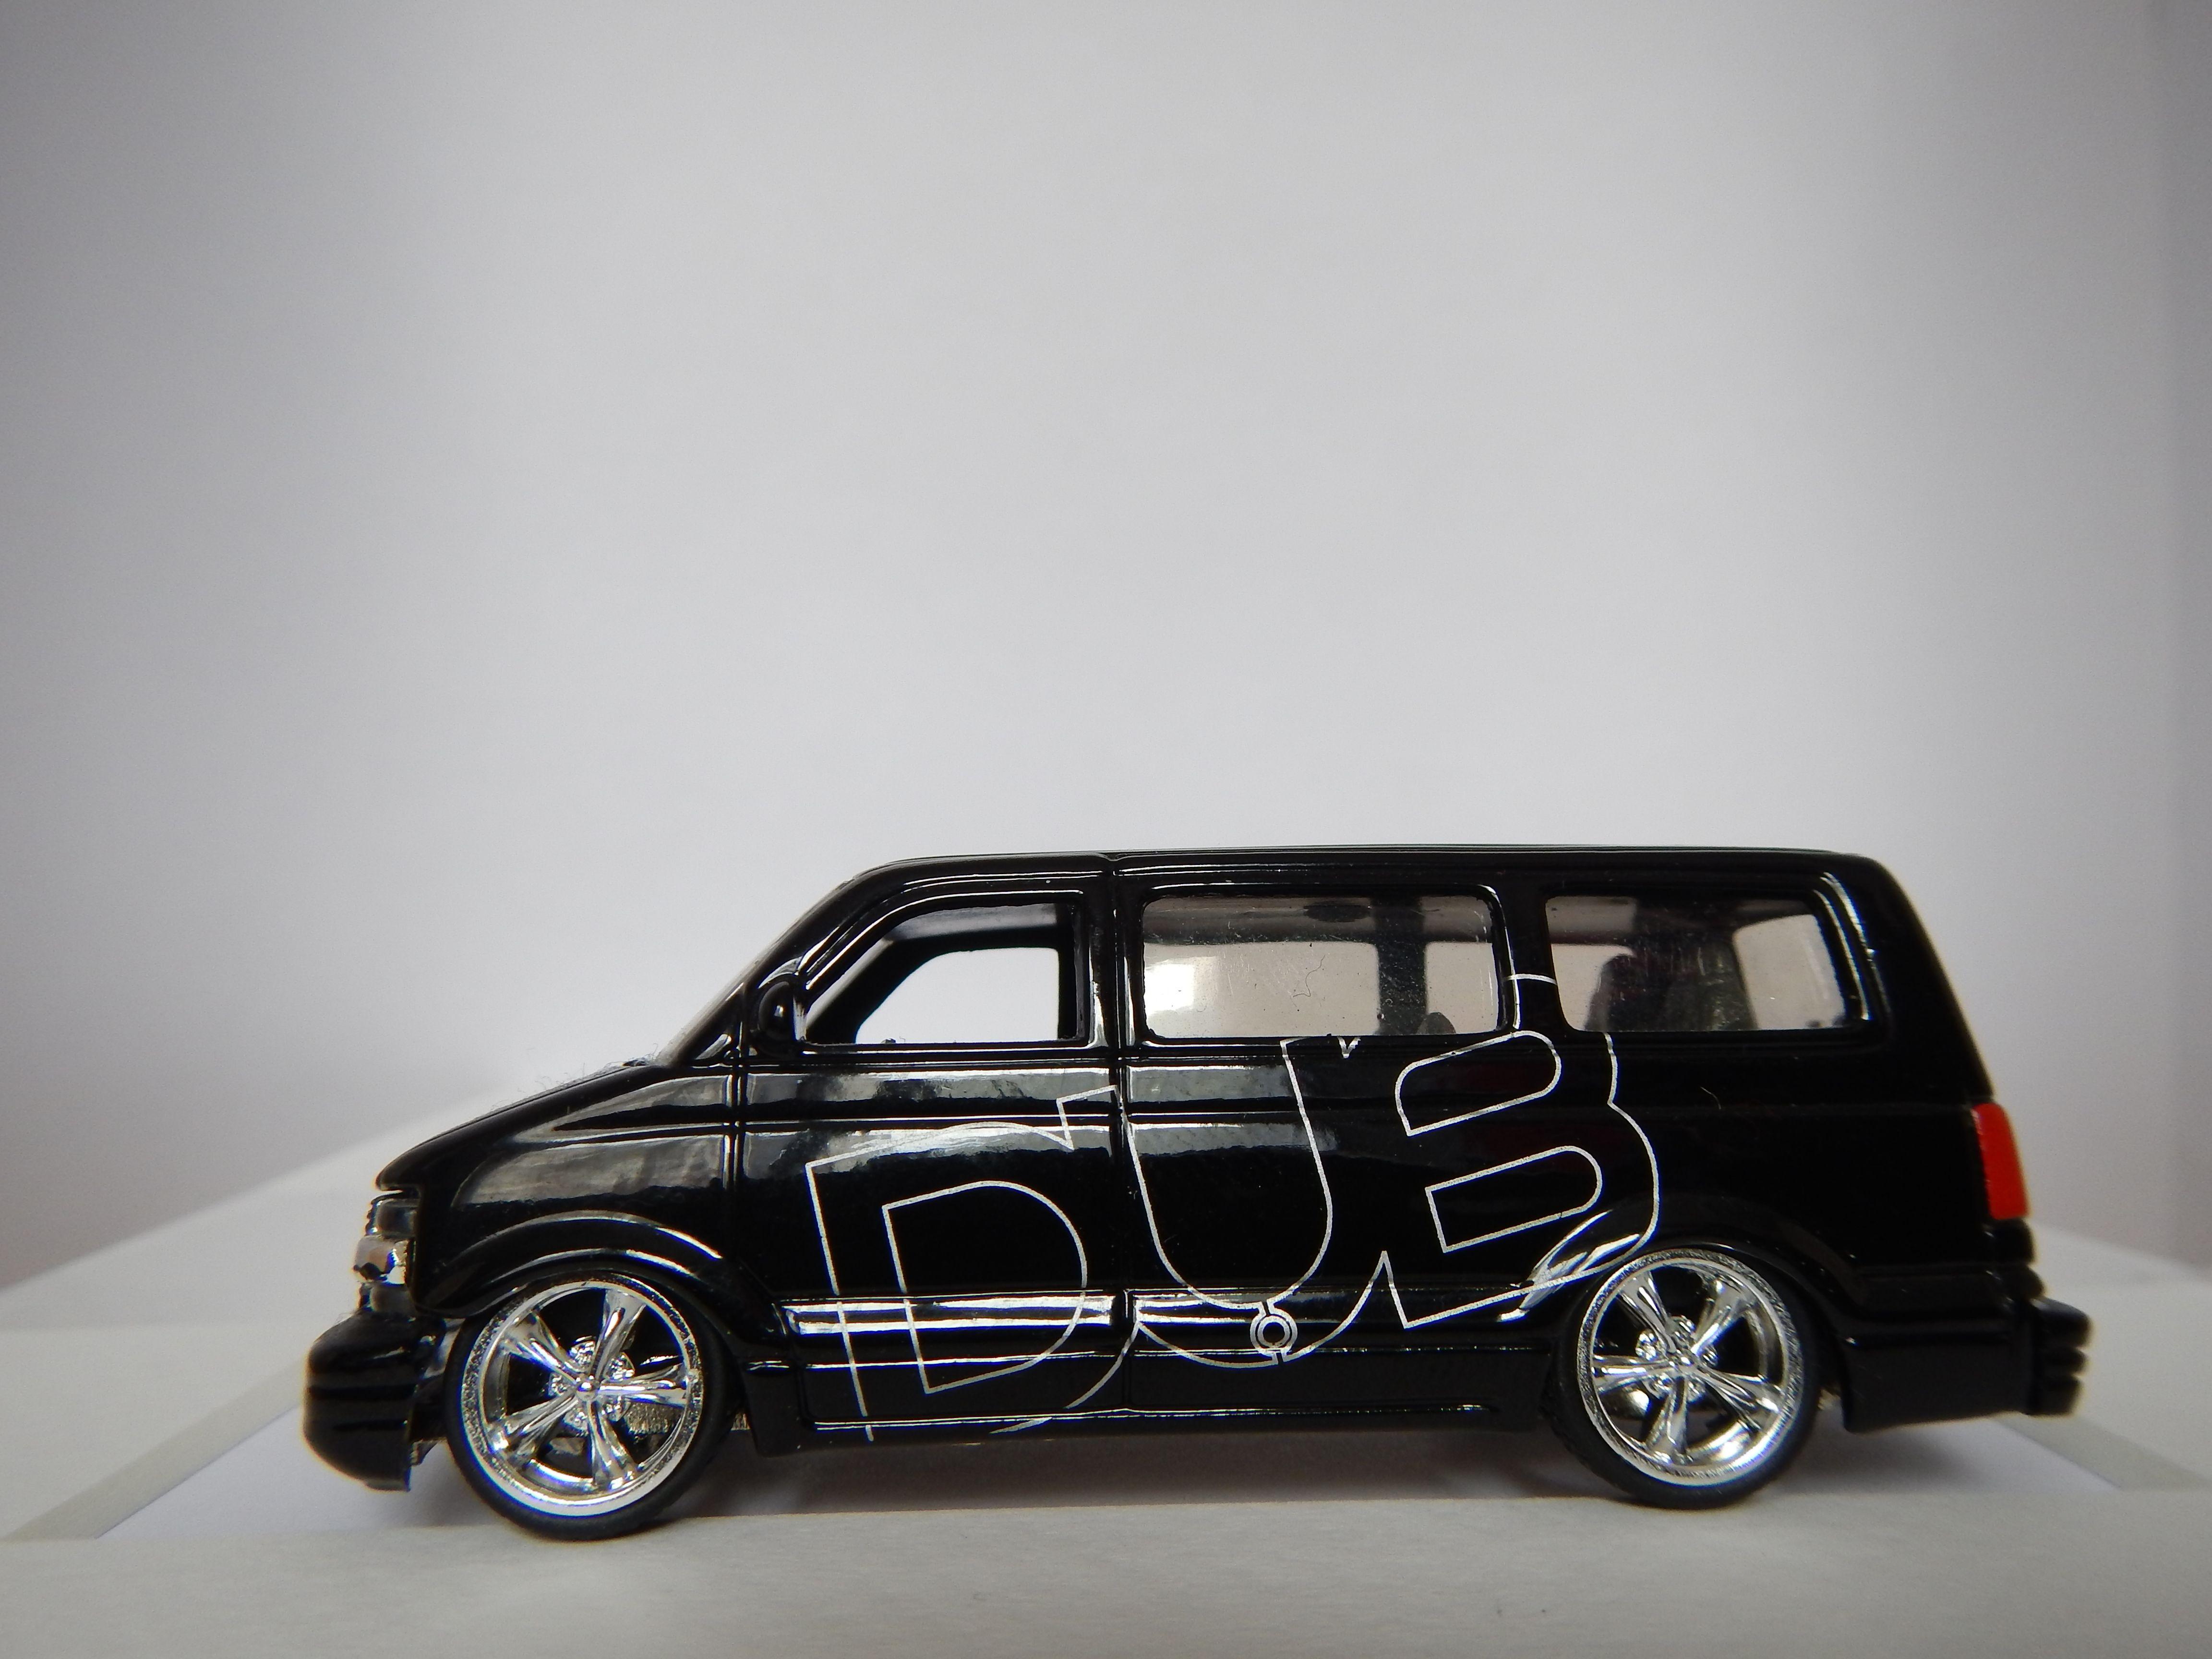 medium resolution of 2001 chevrolet astro van by jada toys china